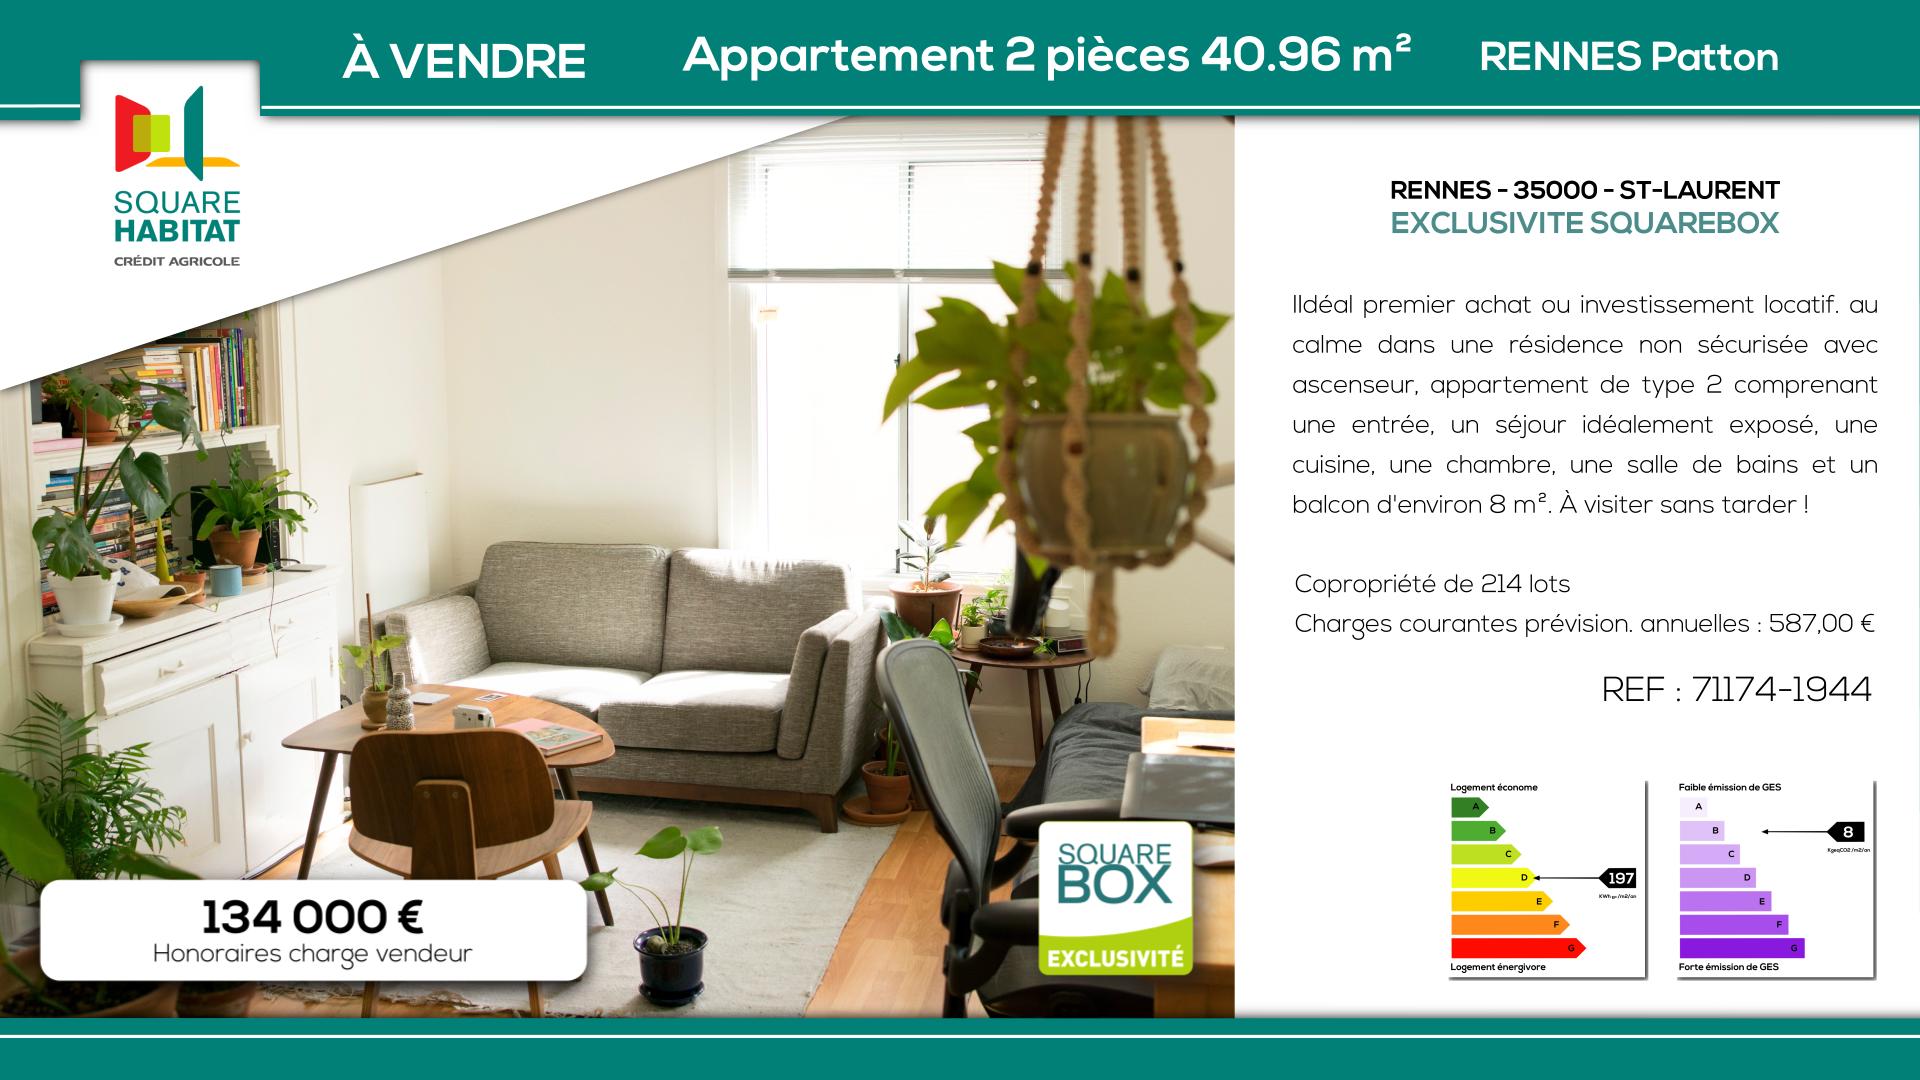 Salle De Bain Avec 2 Entrees index of /wp-content/uploads/2019/01